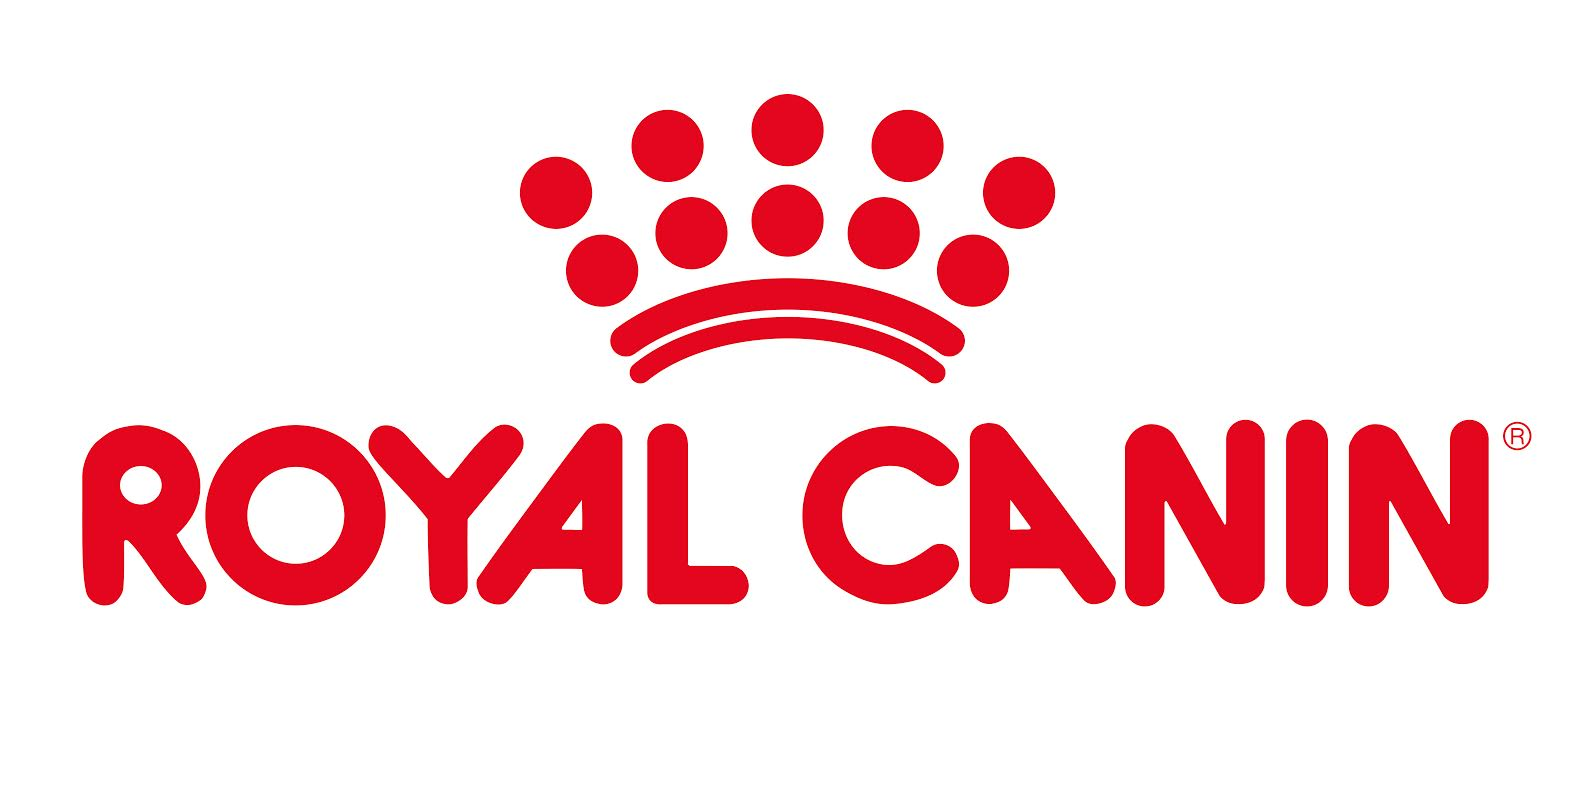 Bildresultat för royal canin logga